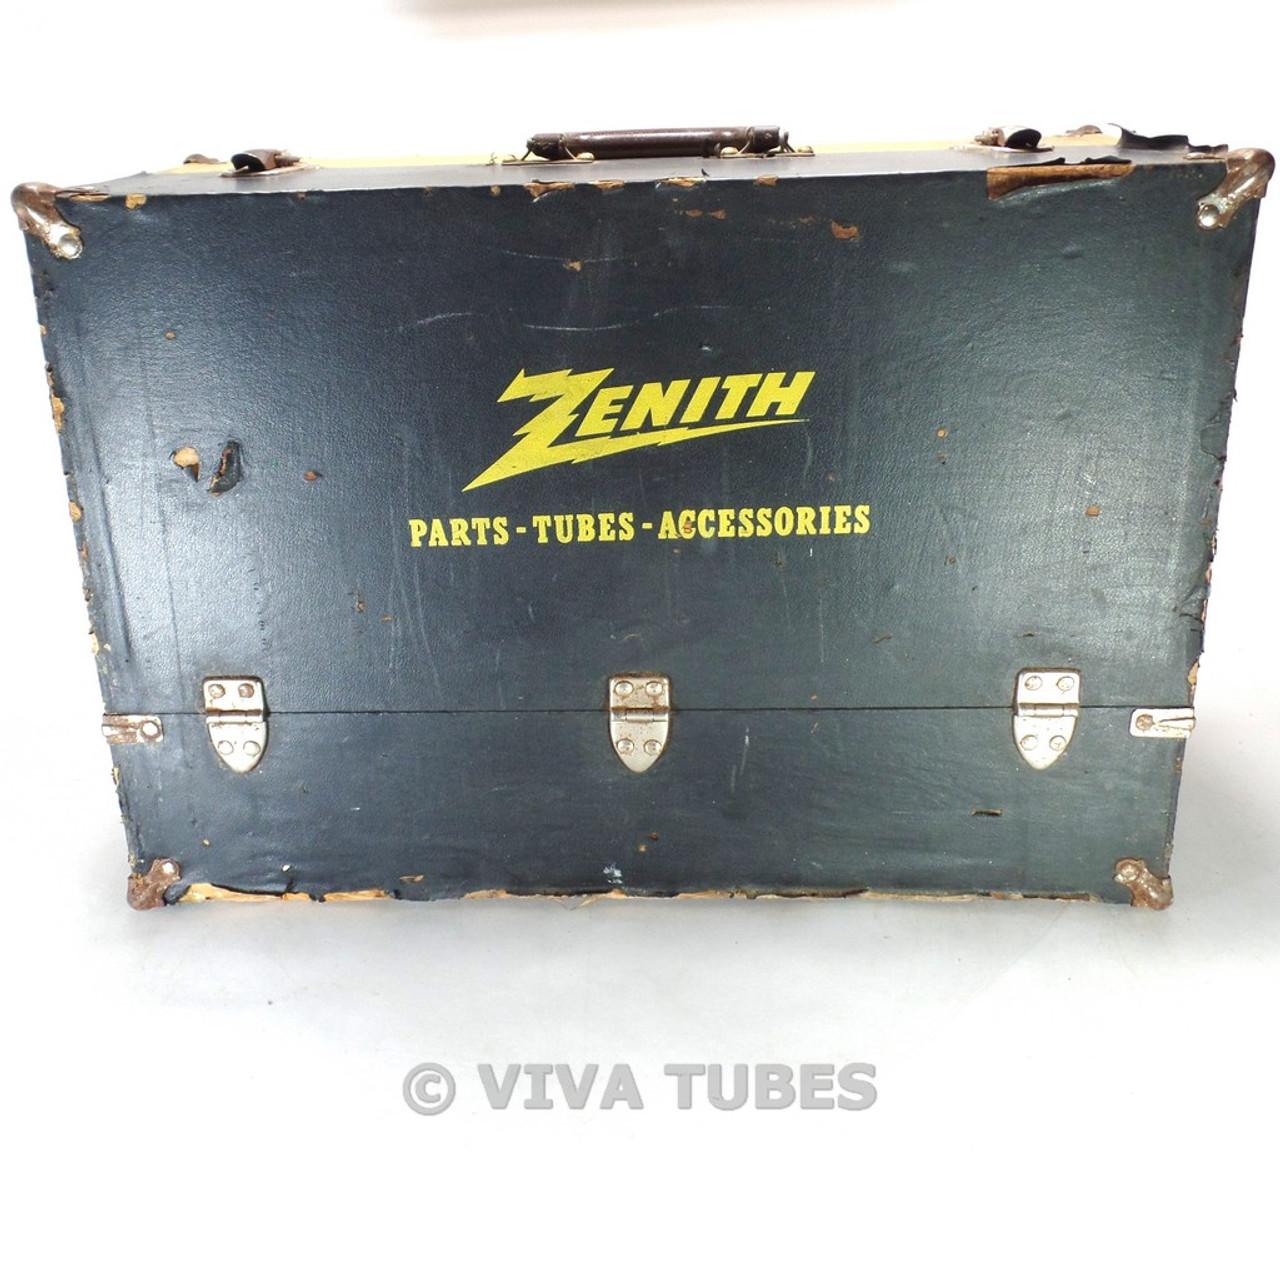 zenith case